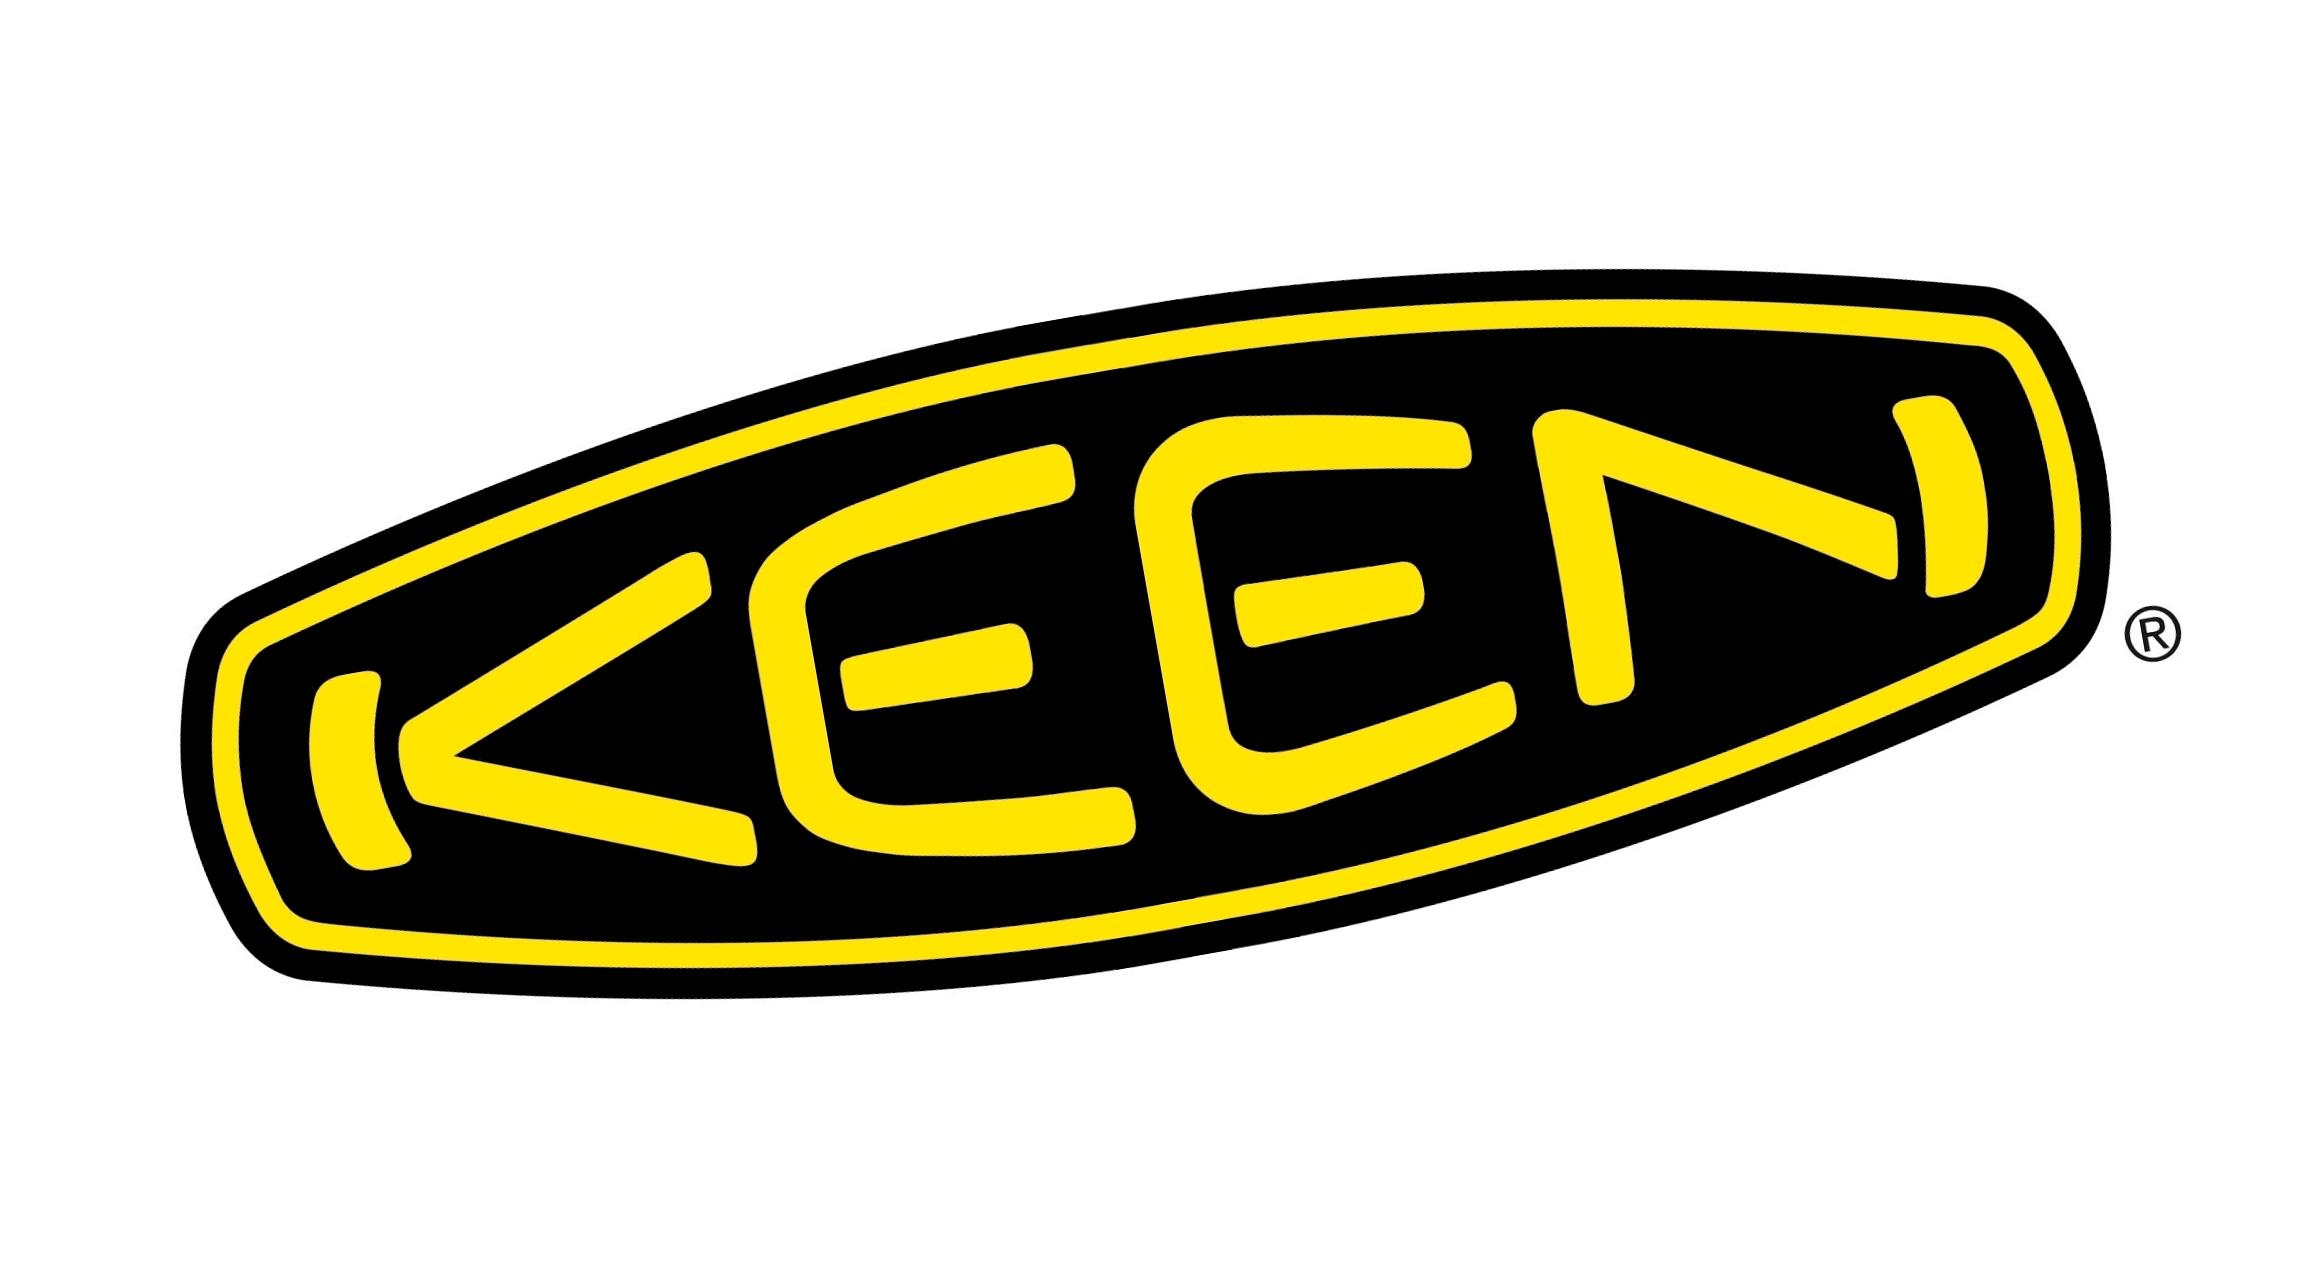 Keen_logo_emblem_rotated.jpg